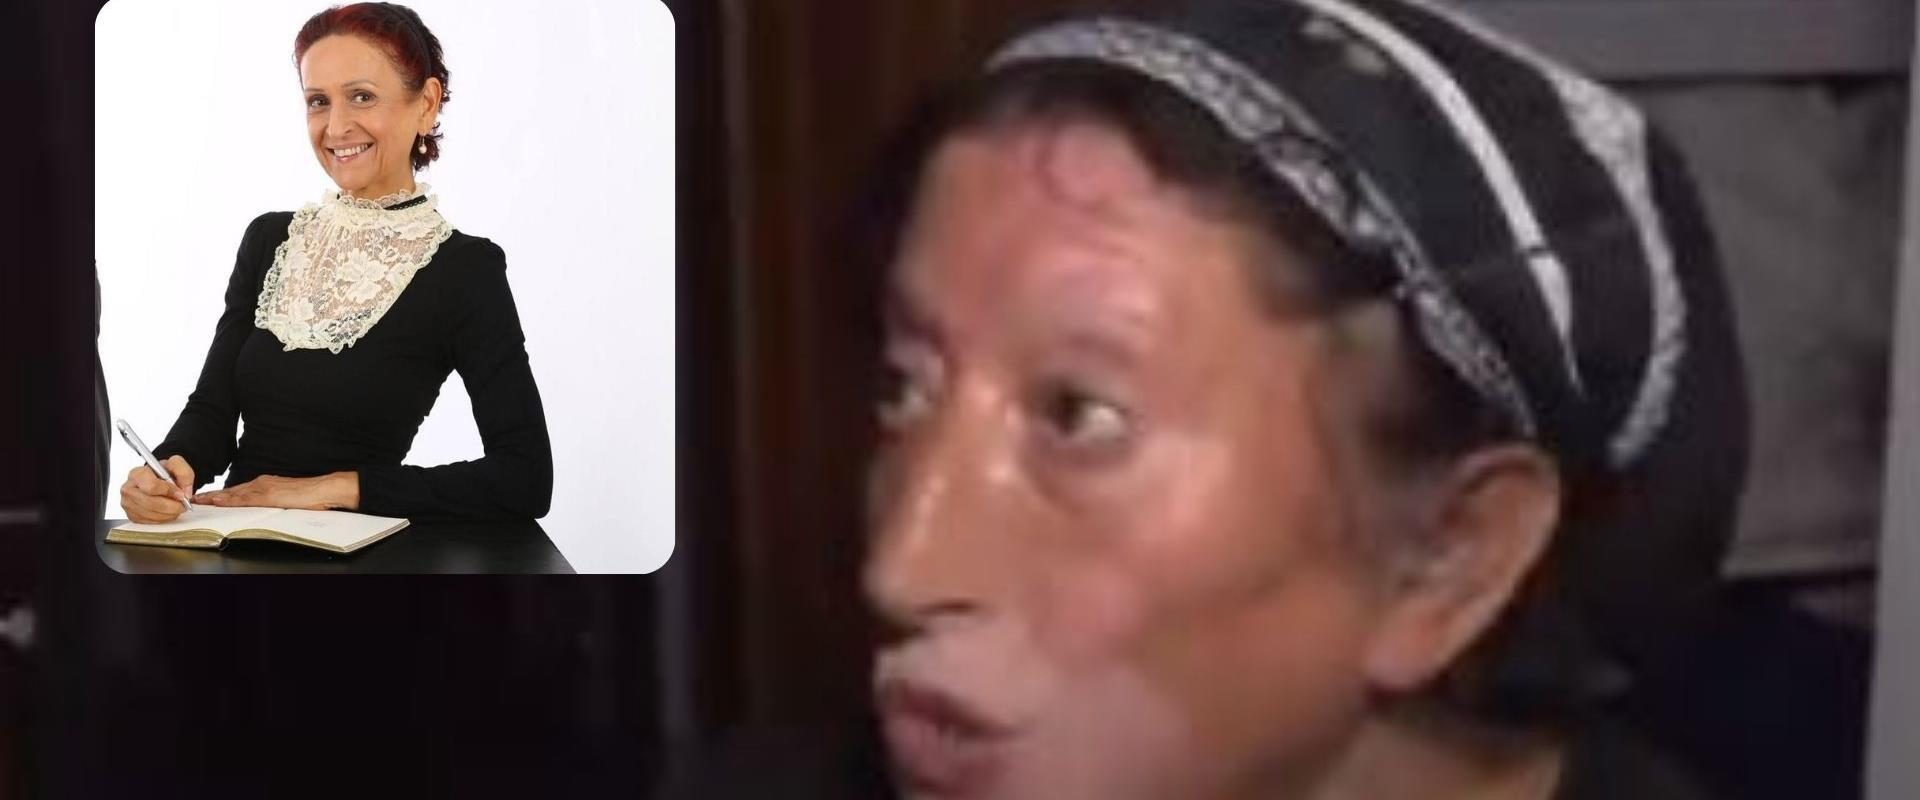 אילנה כהן, לאה יום טוב